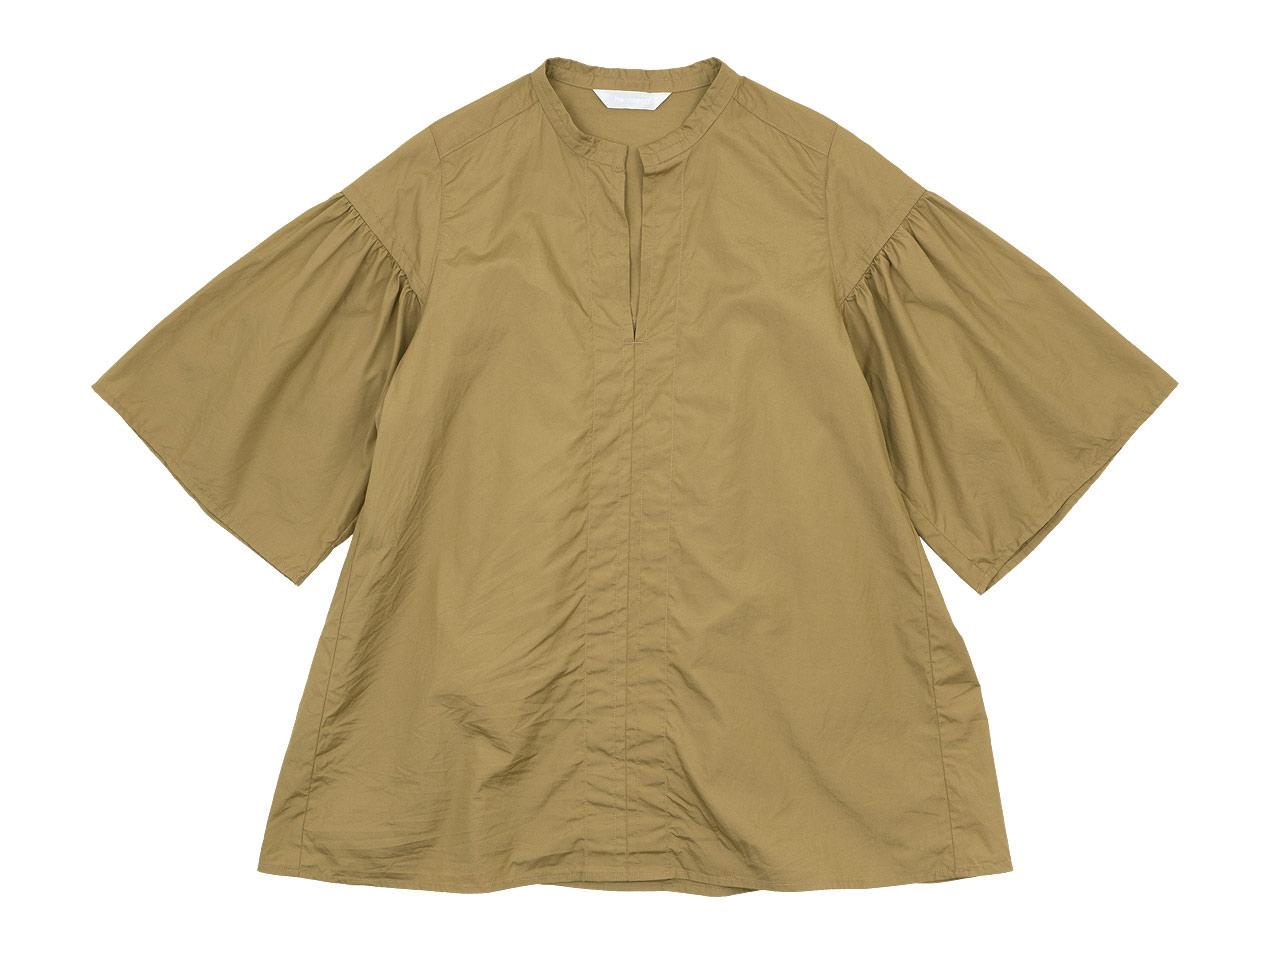 homspun 100/2ブロード スタンドカラー ギャザーブラウス / オープンカラーシャツ